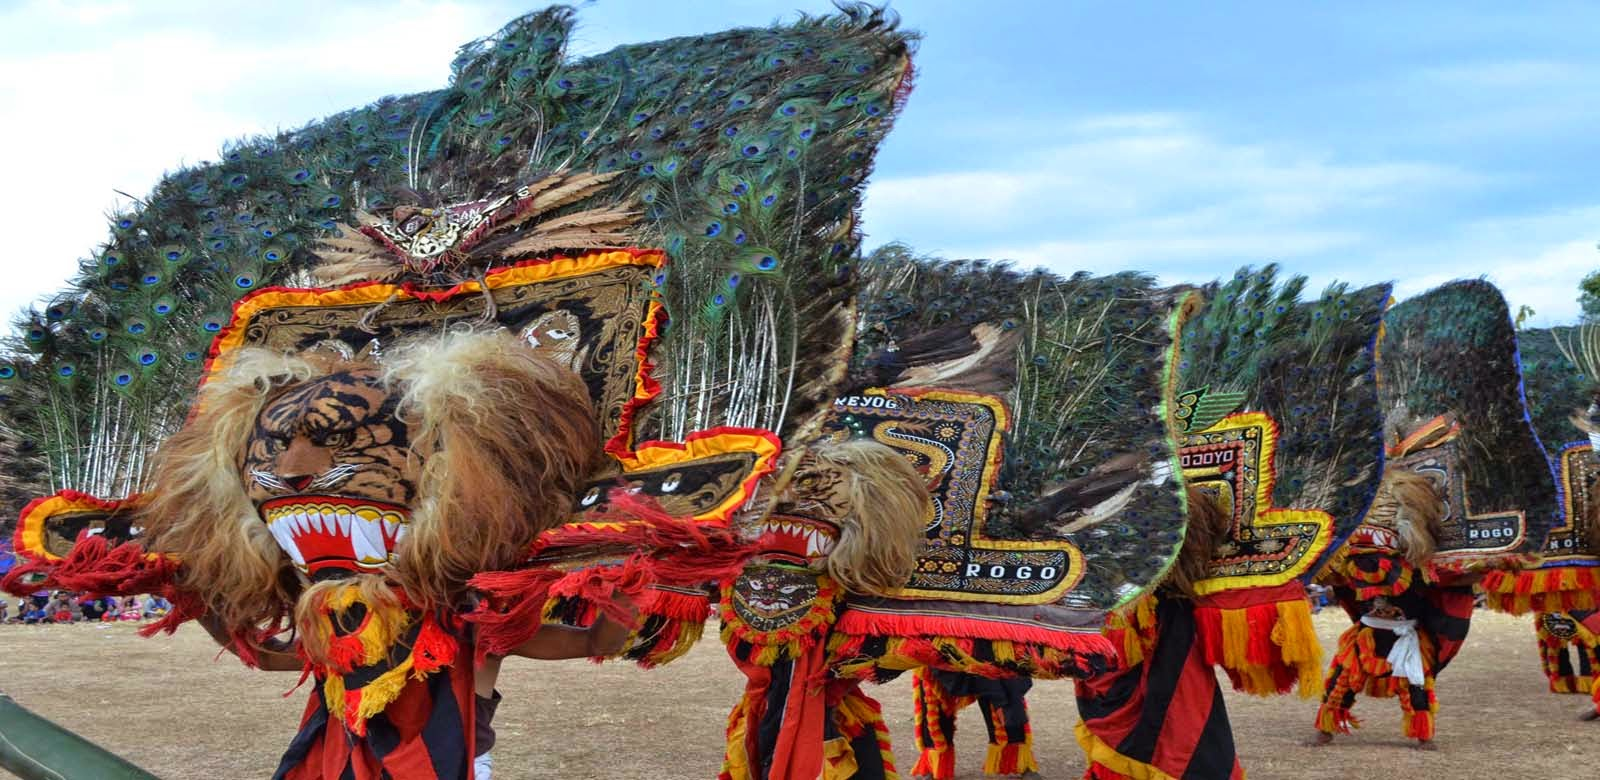 Kesenian tradisional reog ponorogo adalah kesenian yang ikut mewarnai corak dan seni budaya jawa timur bahkan Reog Ponorogo sudah menyebar di berbagai